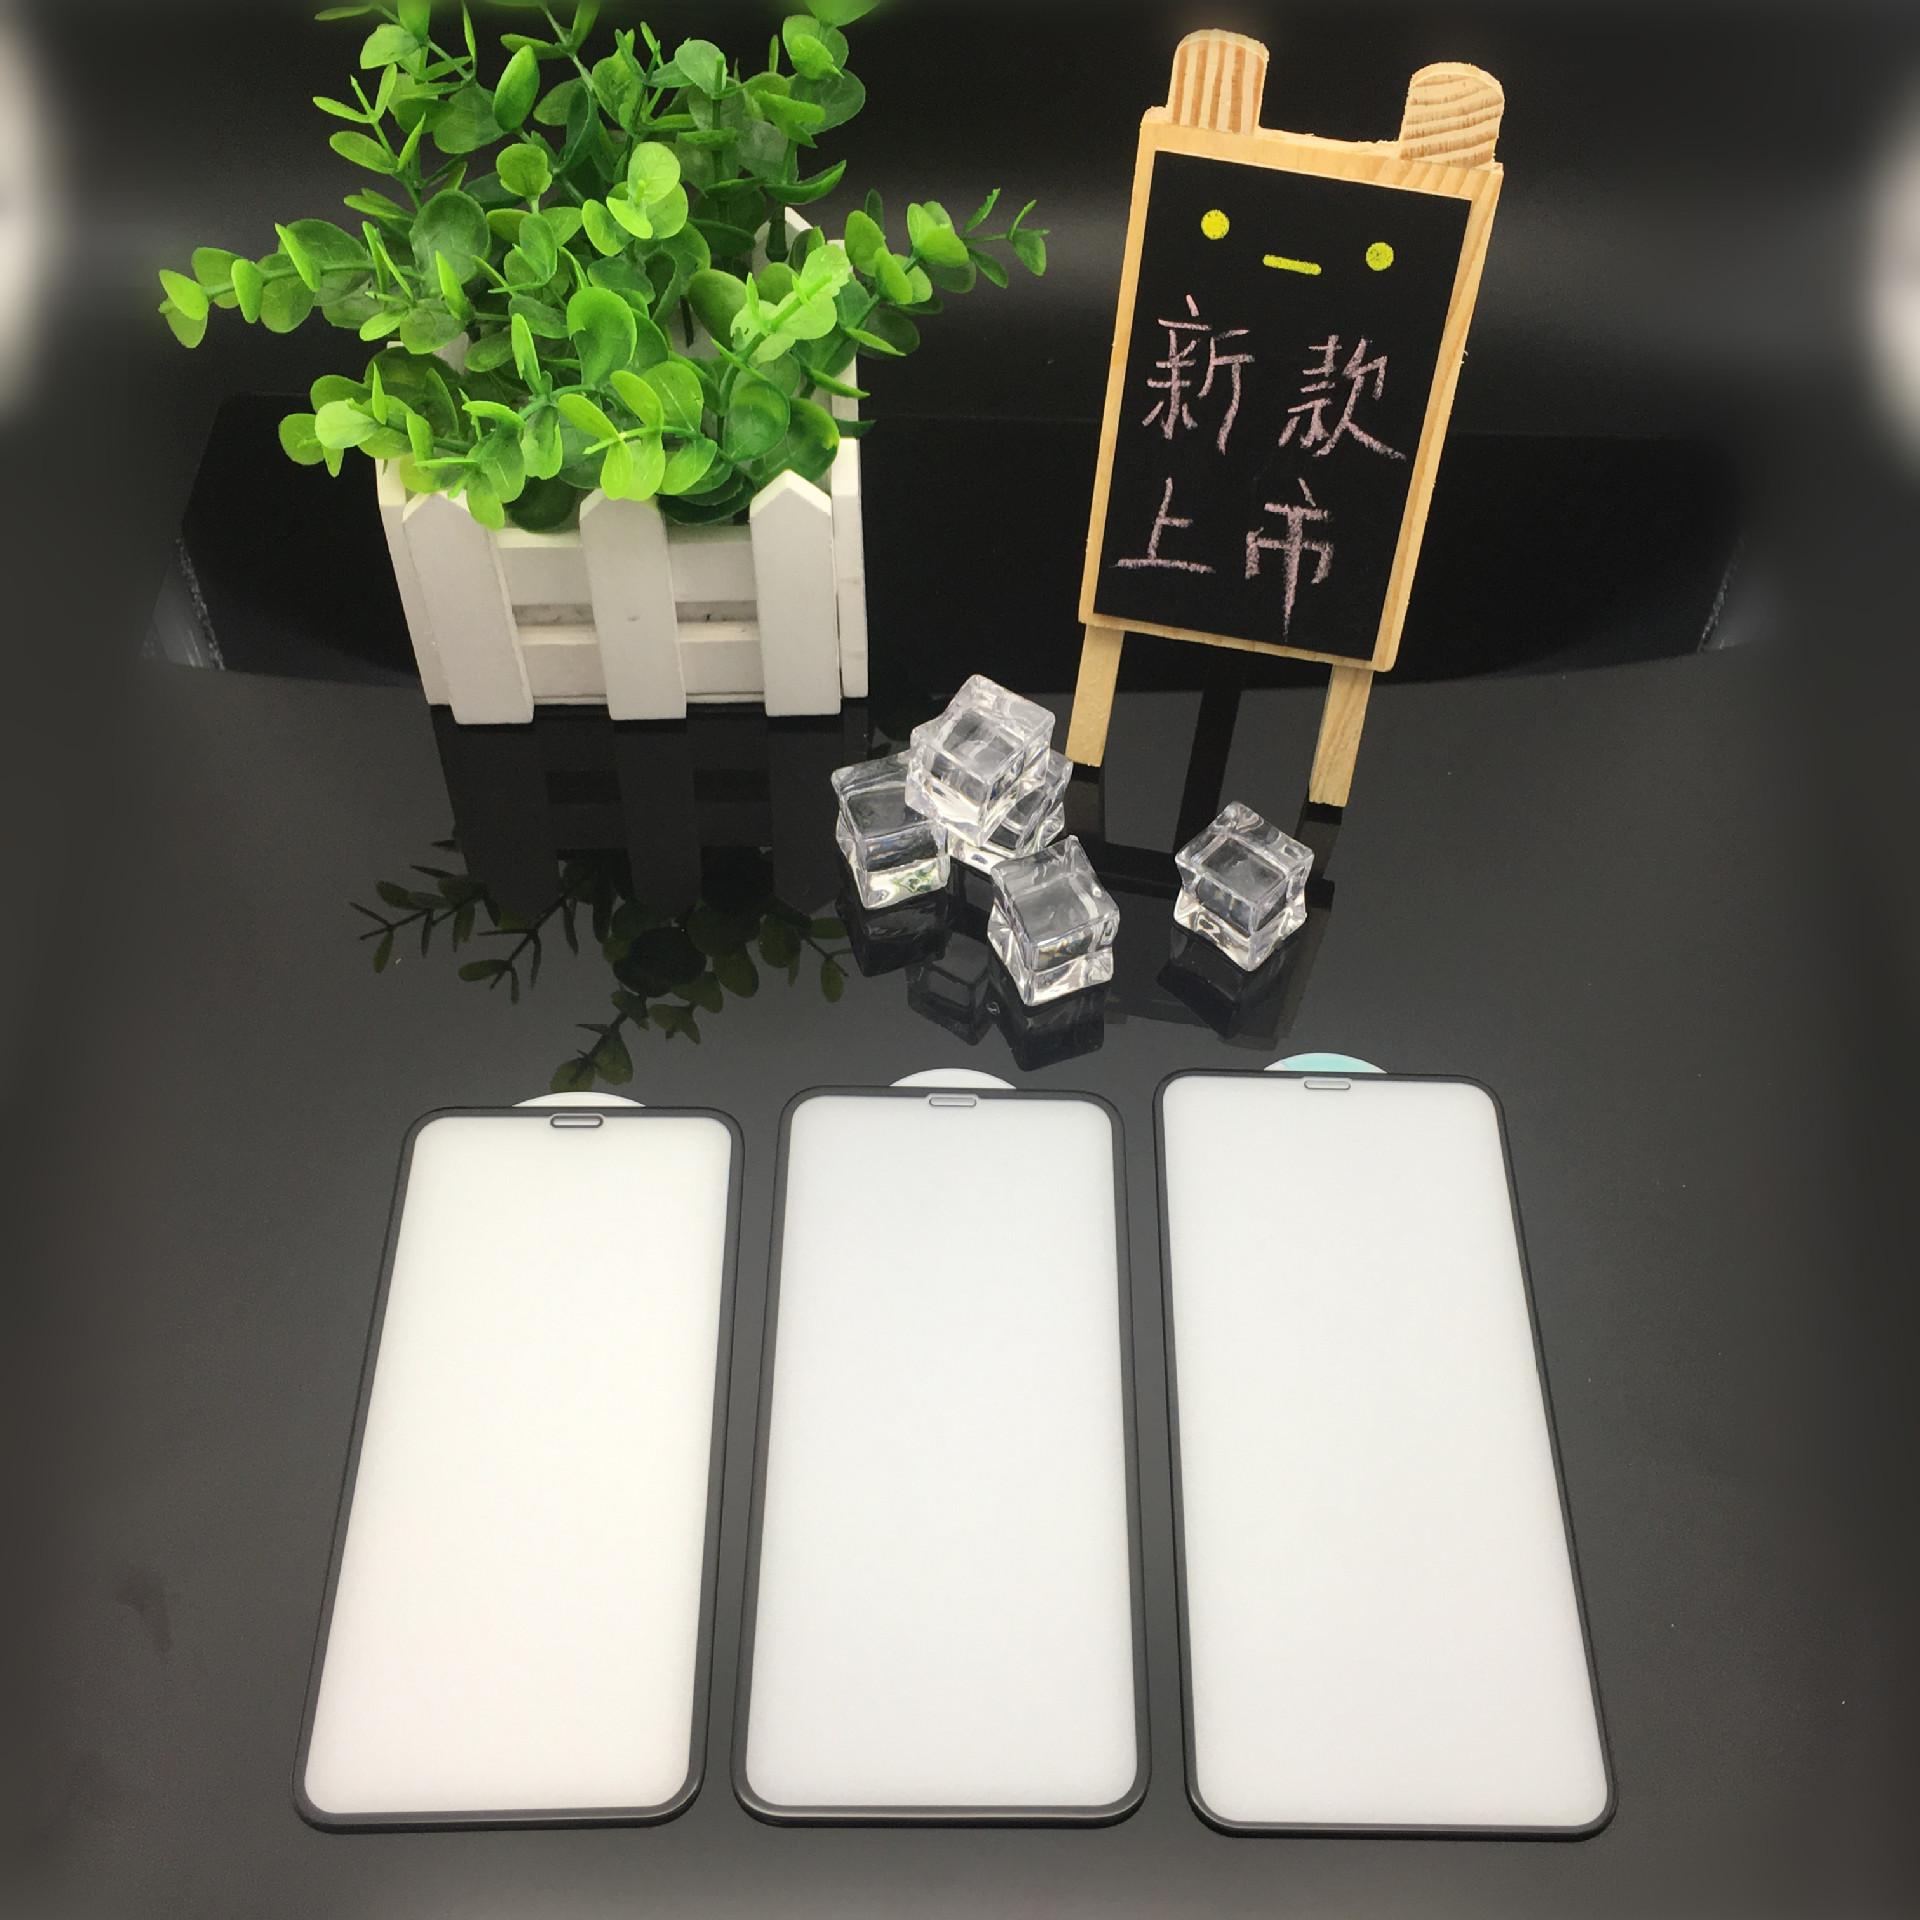 蘋果新款鋼化膜 5.8/6.1/6.5寸鋼化玻璃膜 新款蝕刻3D鋼化膜全屏保護膜批發